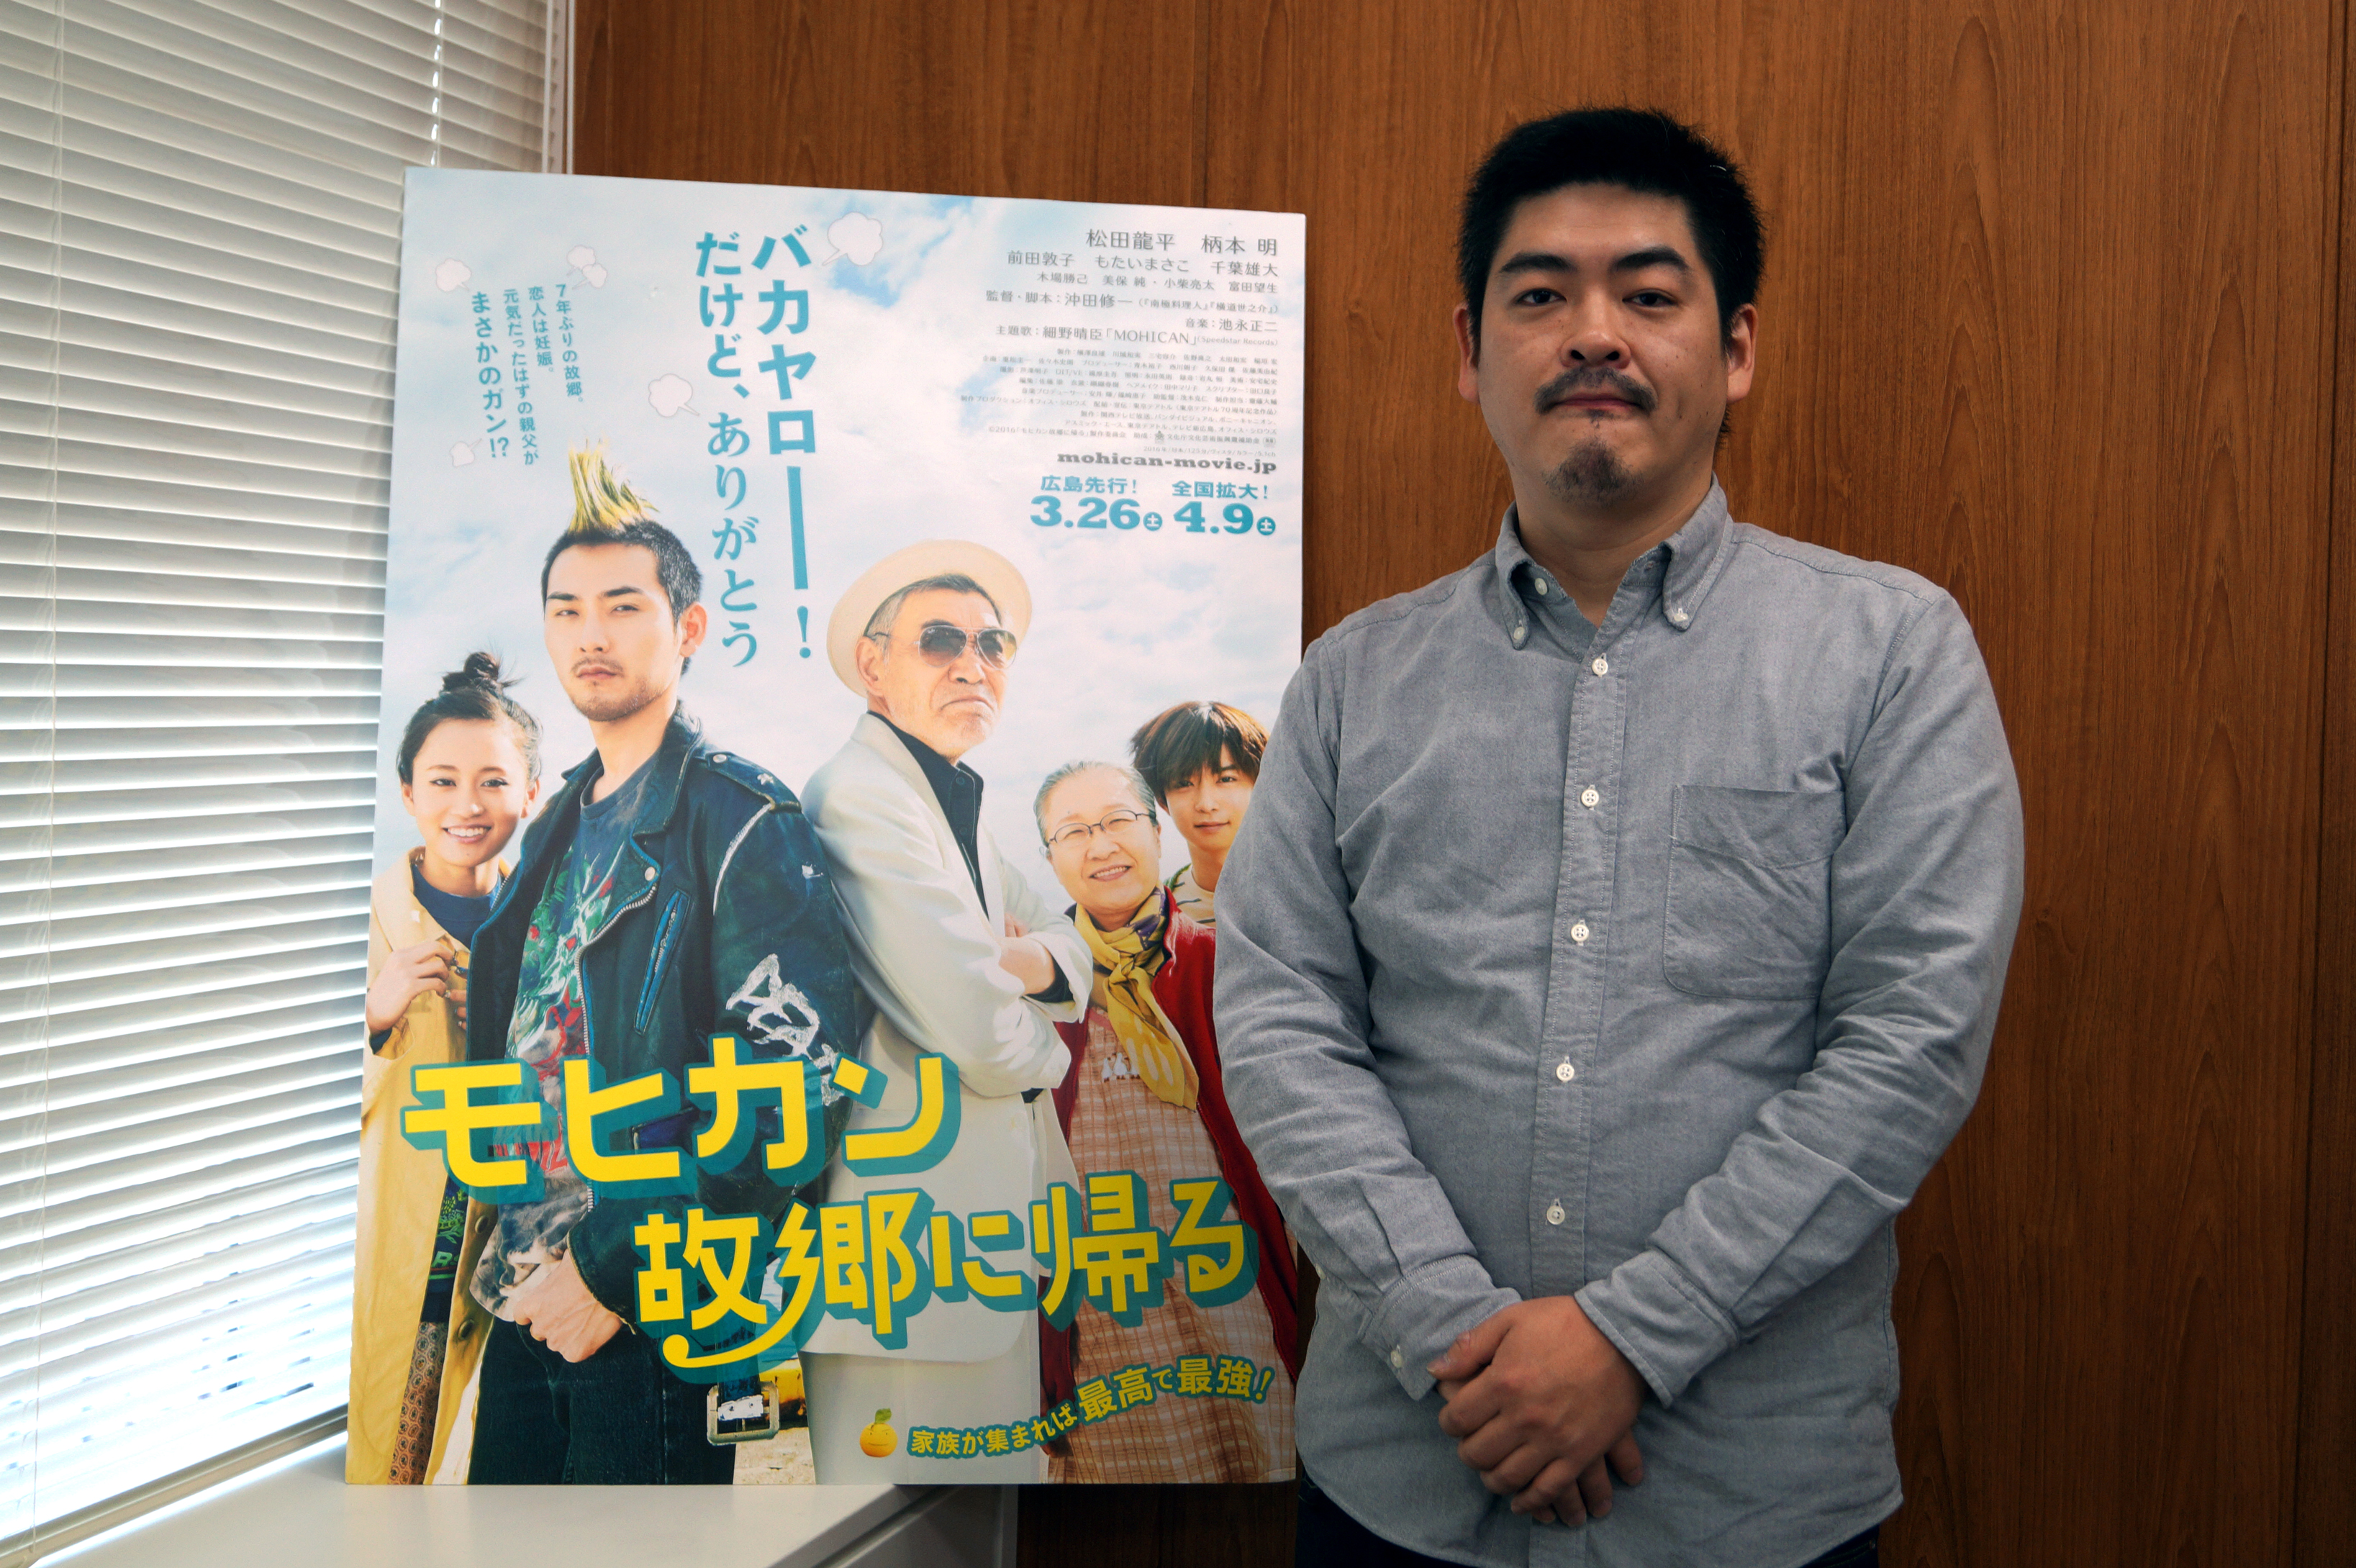 『モヒカン故郷に帰る』沖田修一監督 (3)